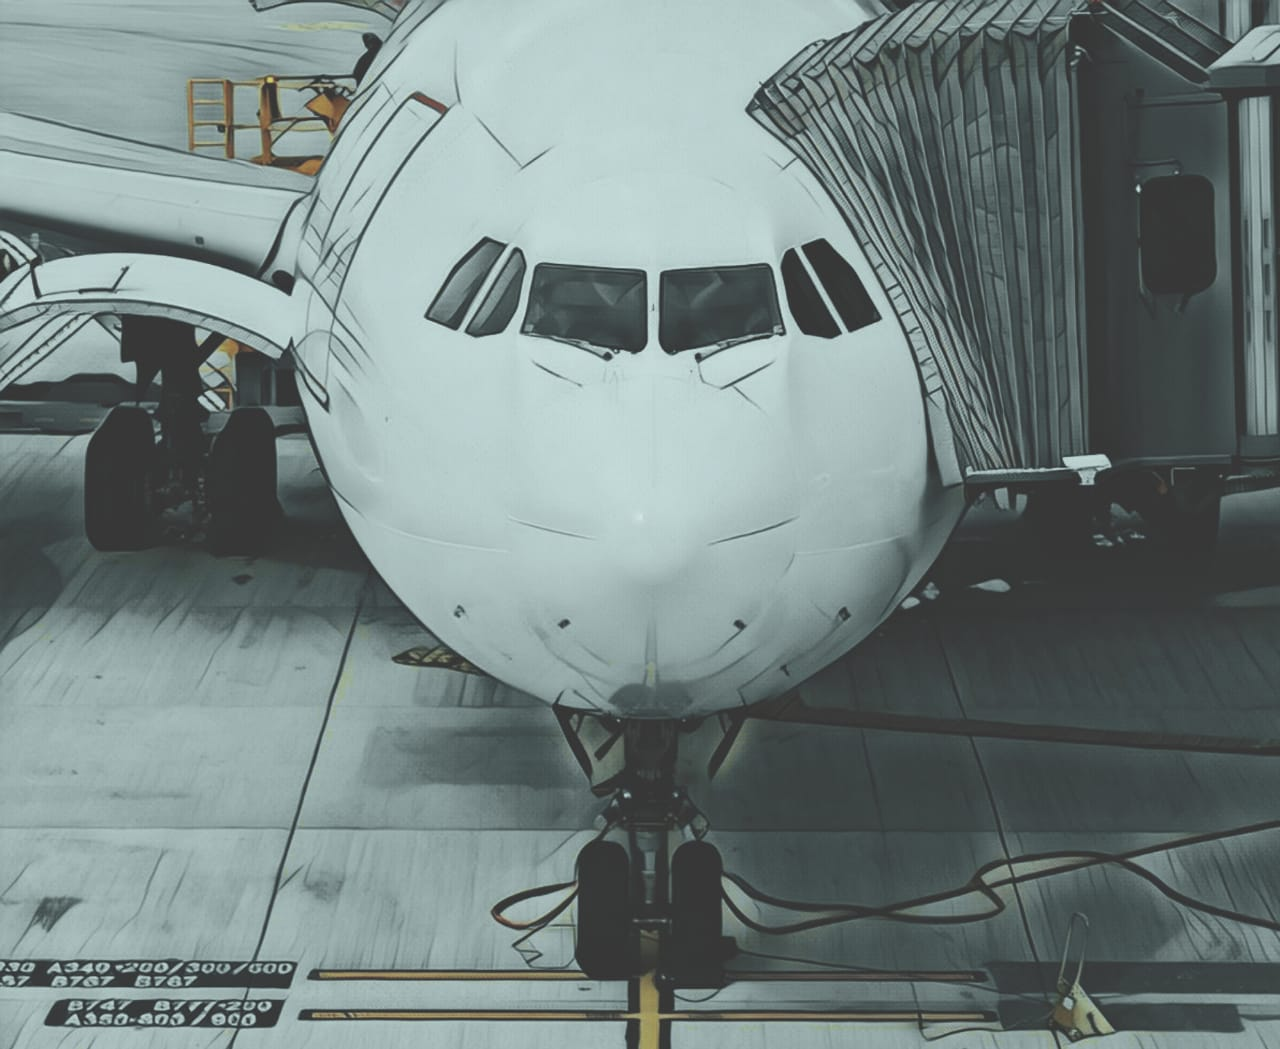 https: img.okeinfo.net content 2019 04 15 320 2043657 penas-dipilih-jadi-induk-holding-penerbangan-simak-alasannya-hqckwzt61l.jpg